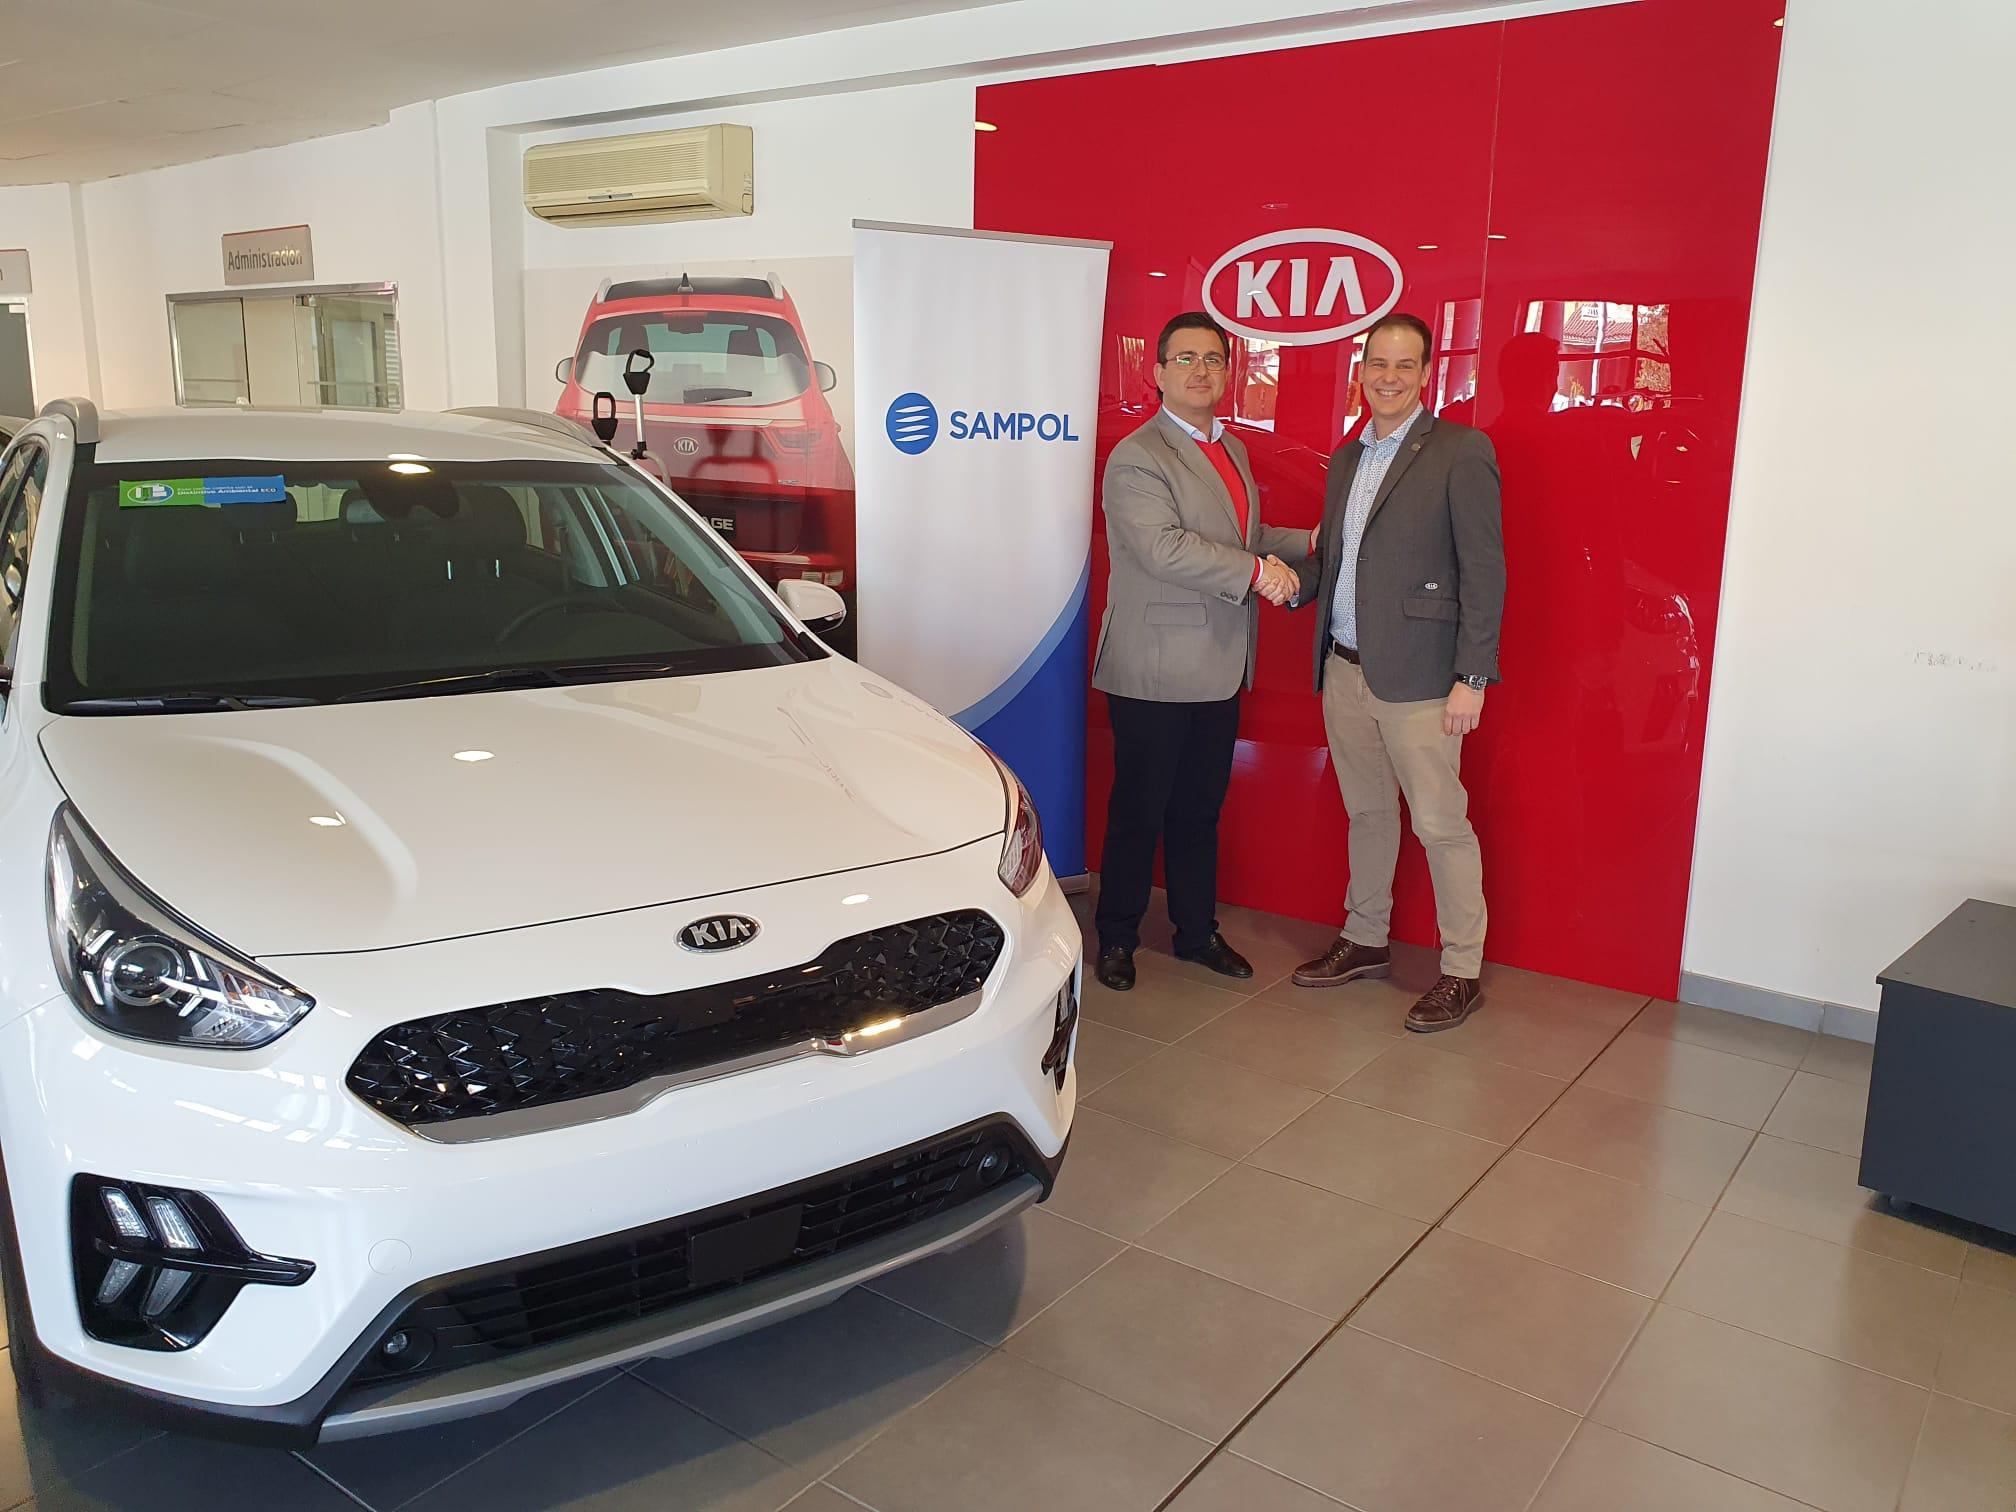 Frau Automóviles KIA y SAMPOL ENERGÍA firman un acuerdo de colaboración